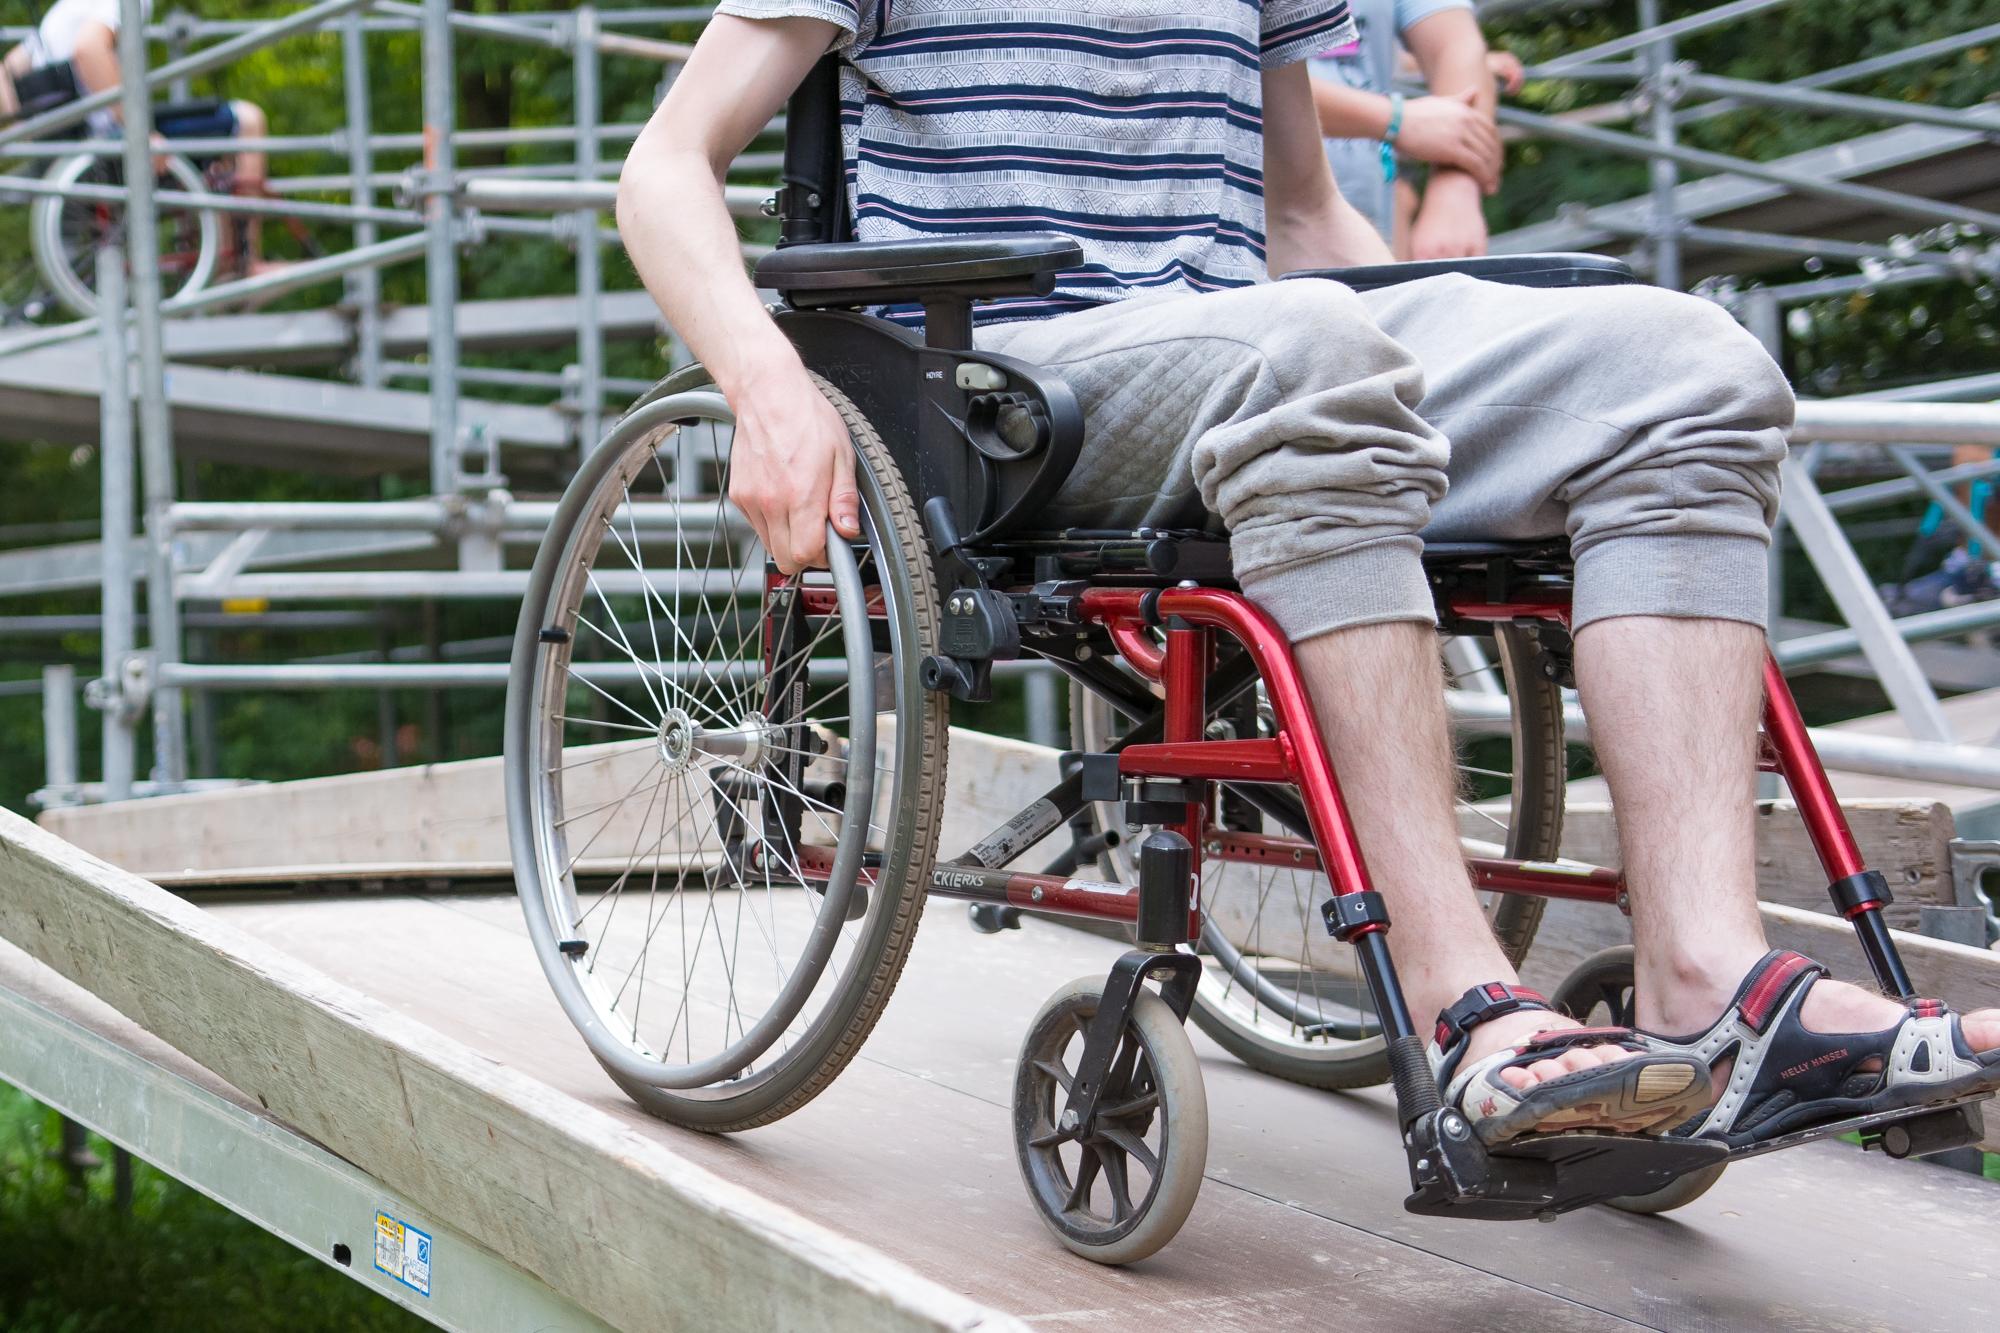 Angeschnittenes Bild eines Rollstuhlfahrers auf einer schrägen Plattform